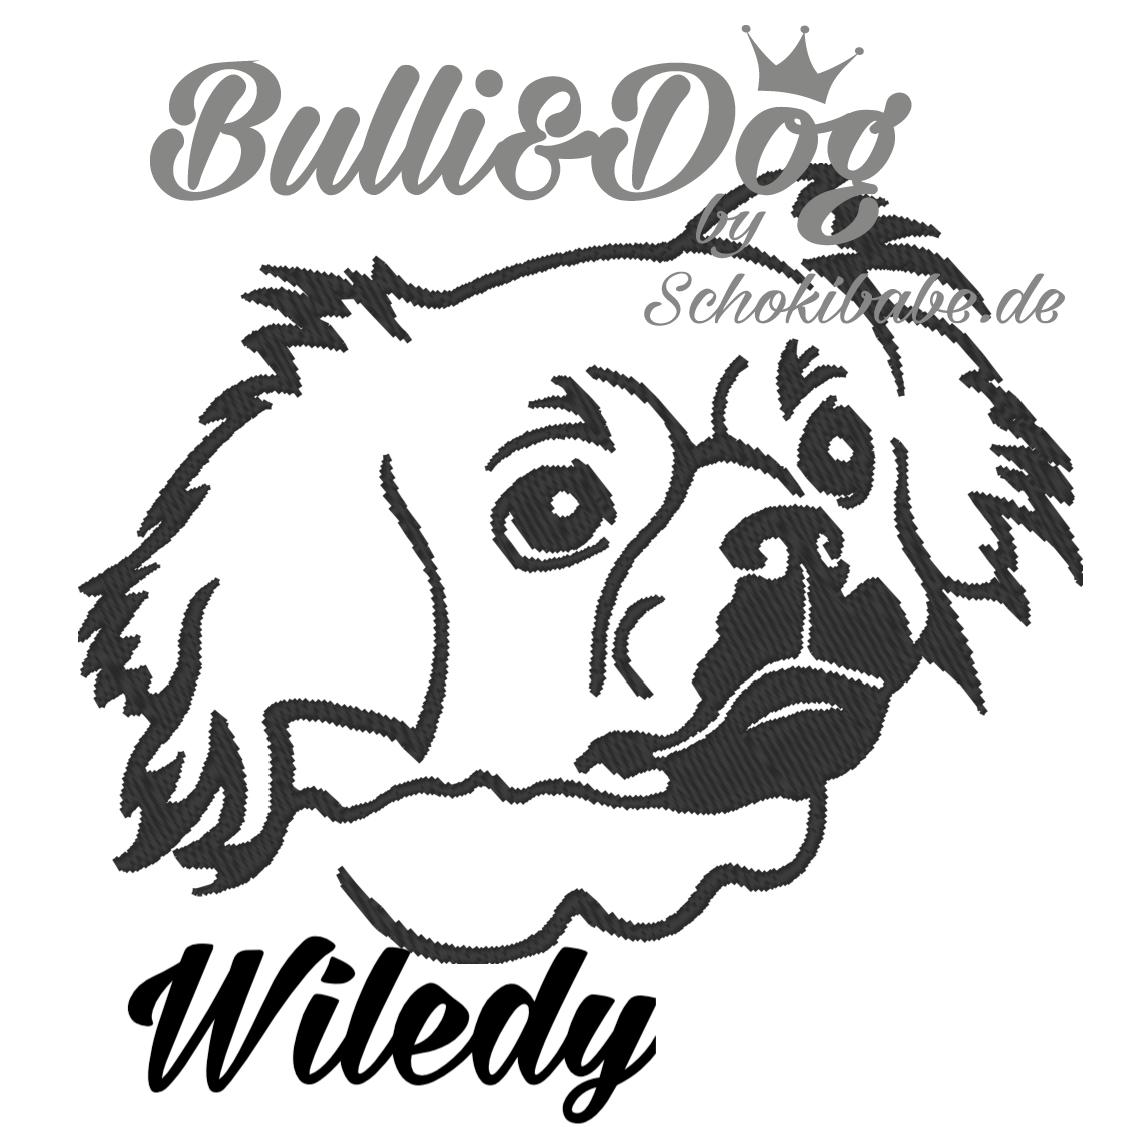 Wiledy_8x7